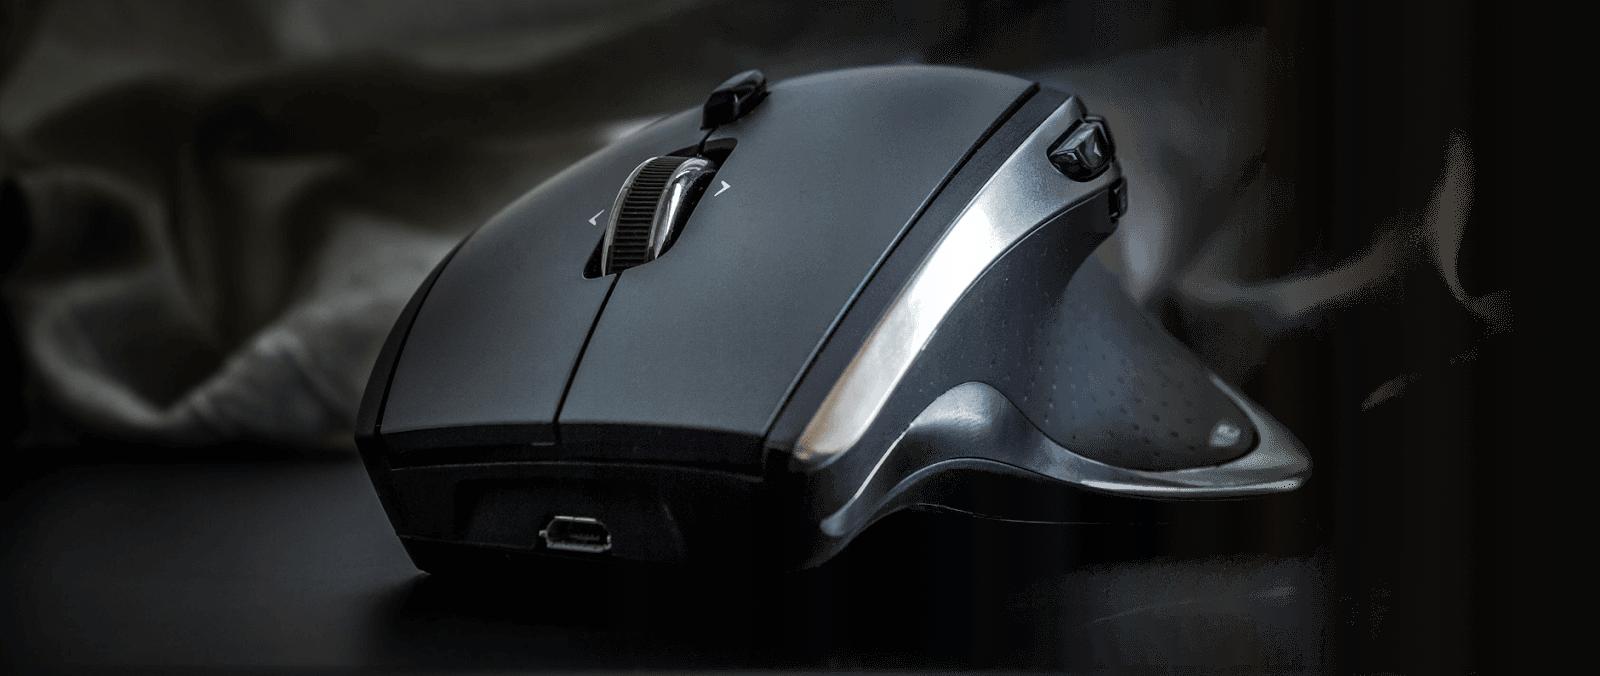 Cara Mengubah DPI Mouse Anda di Windows 10